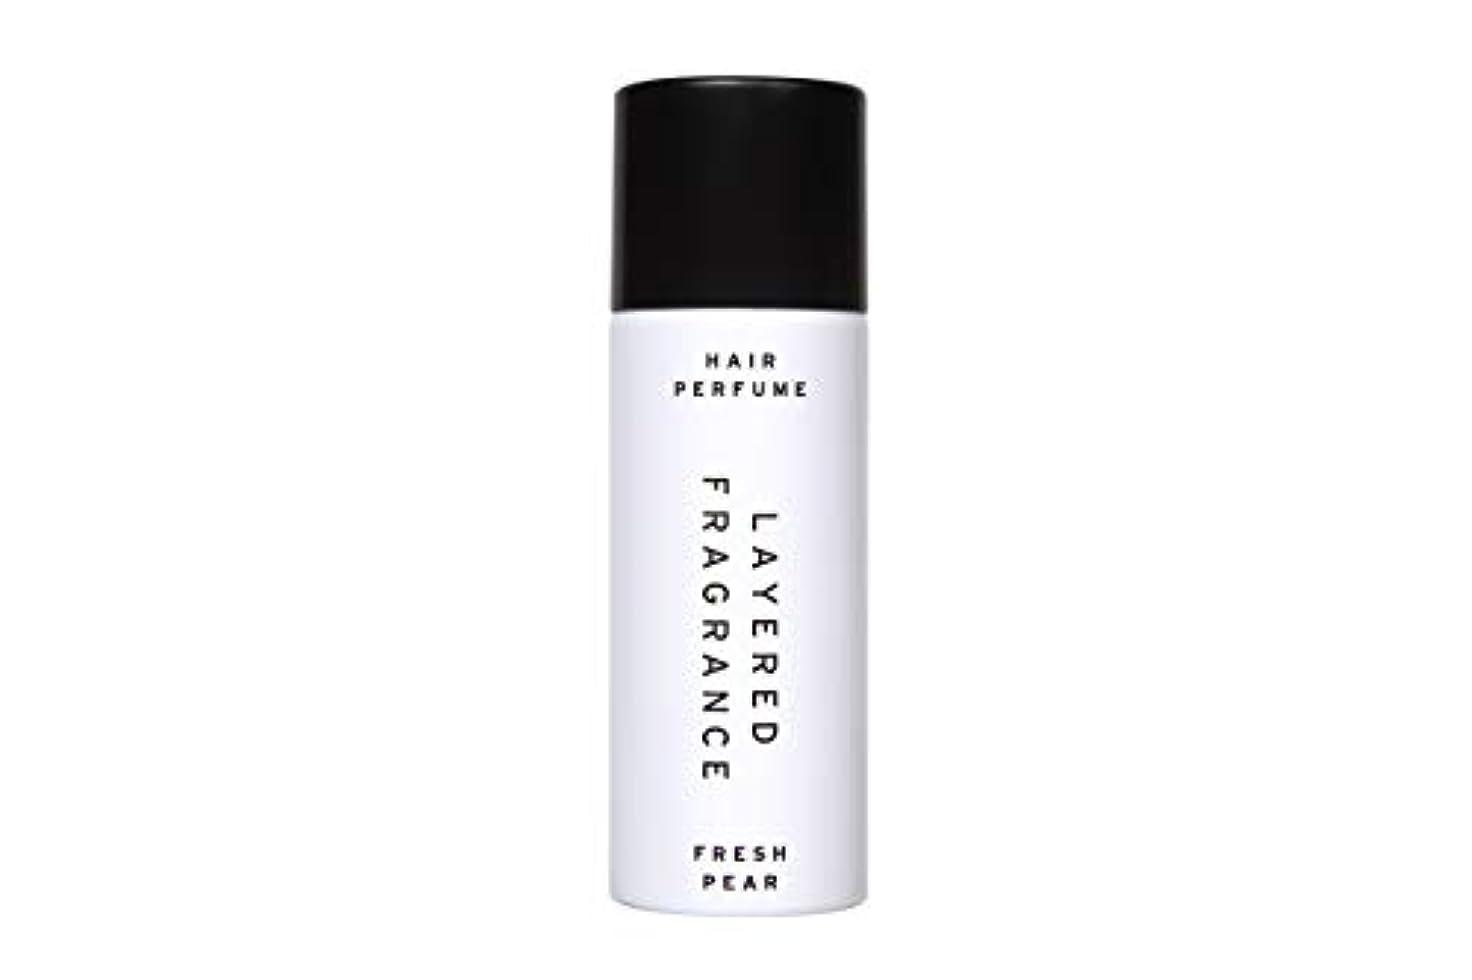 きらめき展示会レンディションレイヤードフレグランス ヘアトリートメントパフューム フレッシュペア LAYERED FRAGRANCE HAIR TREATMENT PERFUME FRESH PEAR